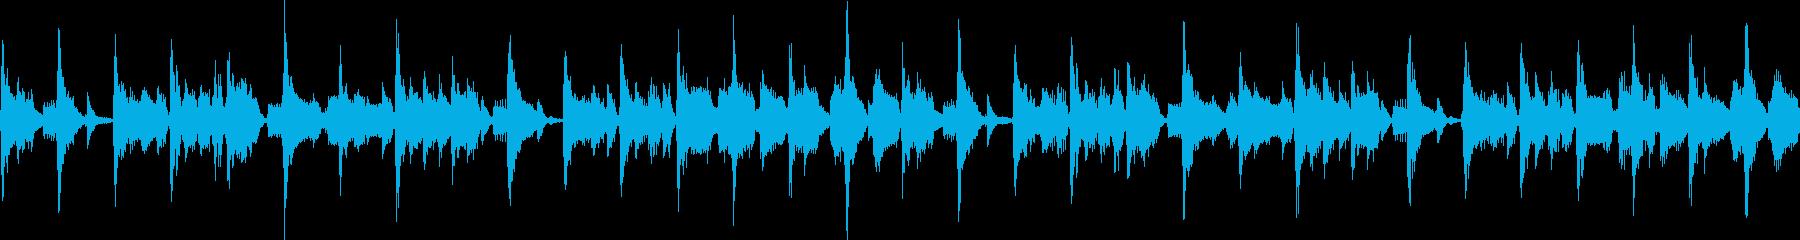 ノリの良いファンクジングル_ループの再生済みの波形